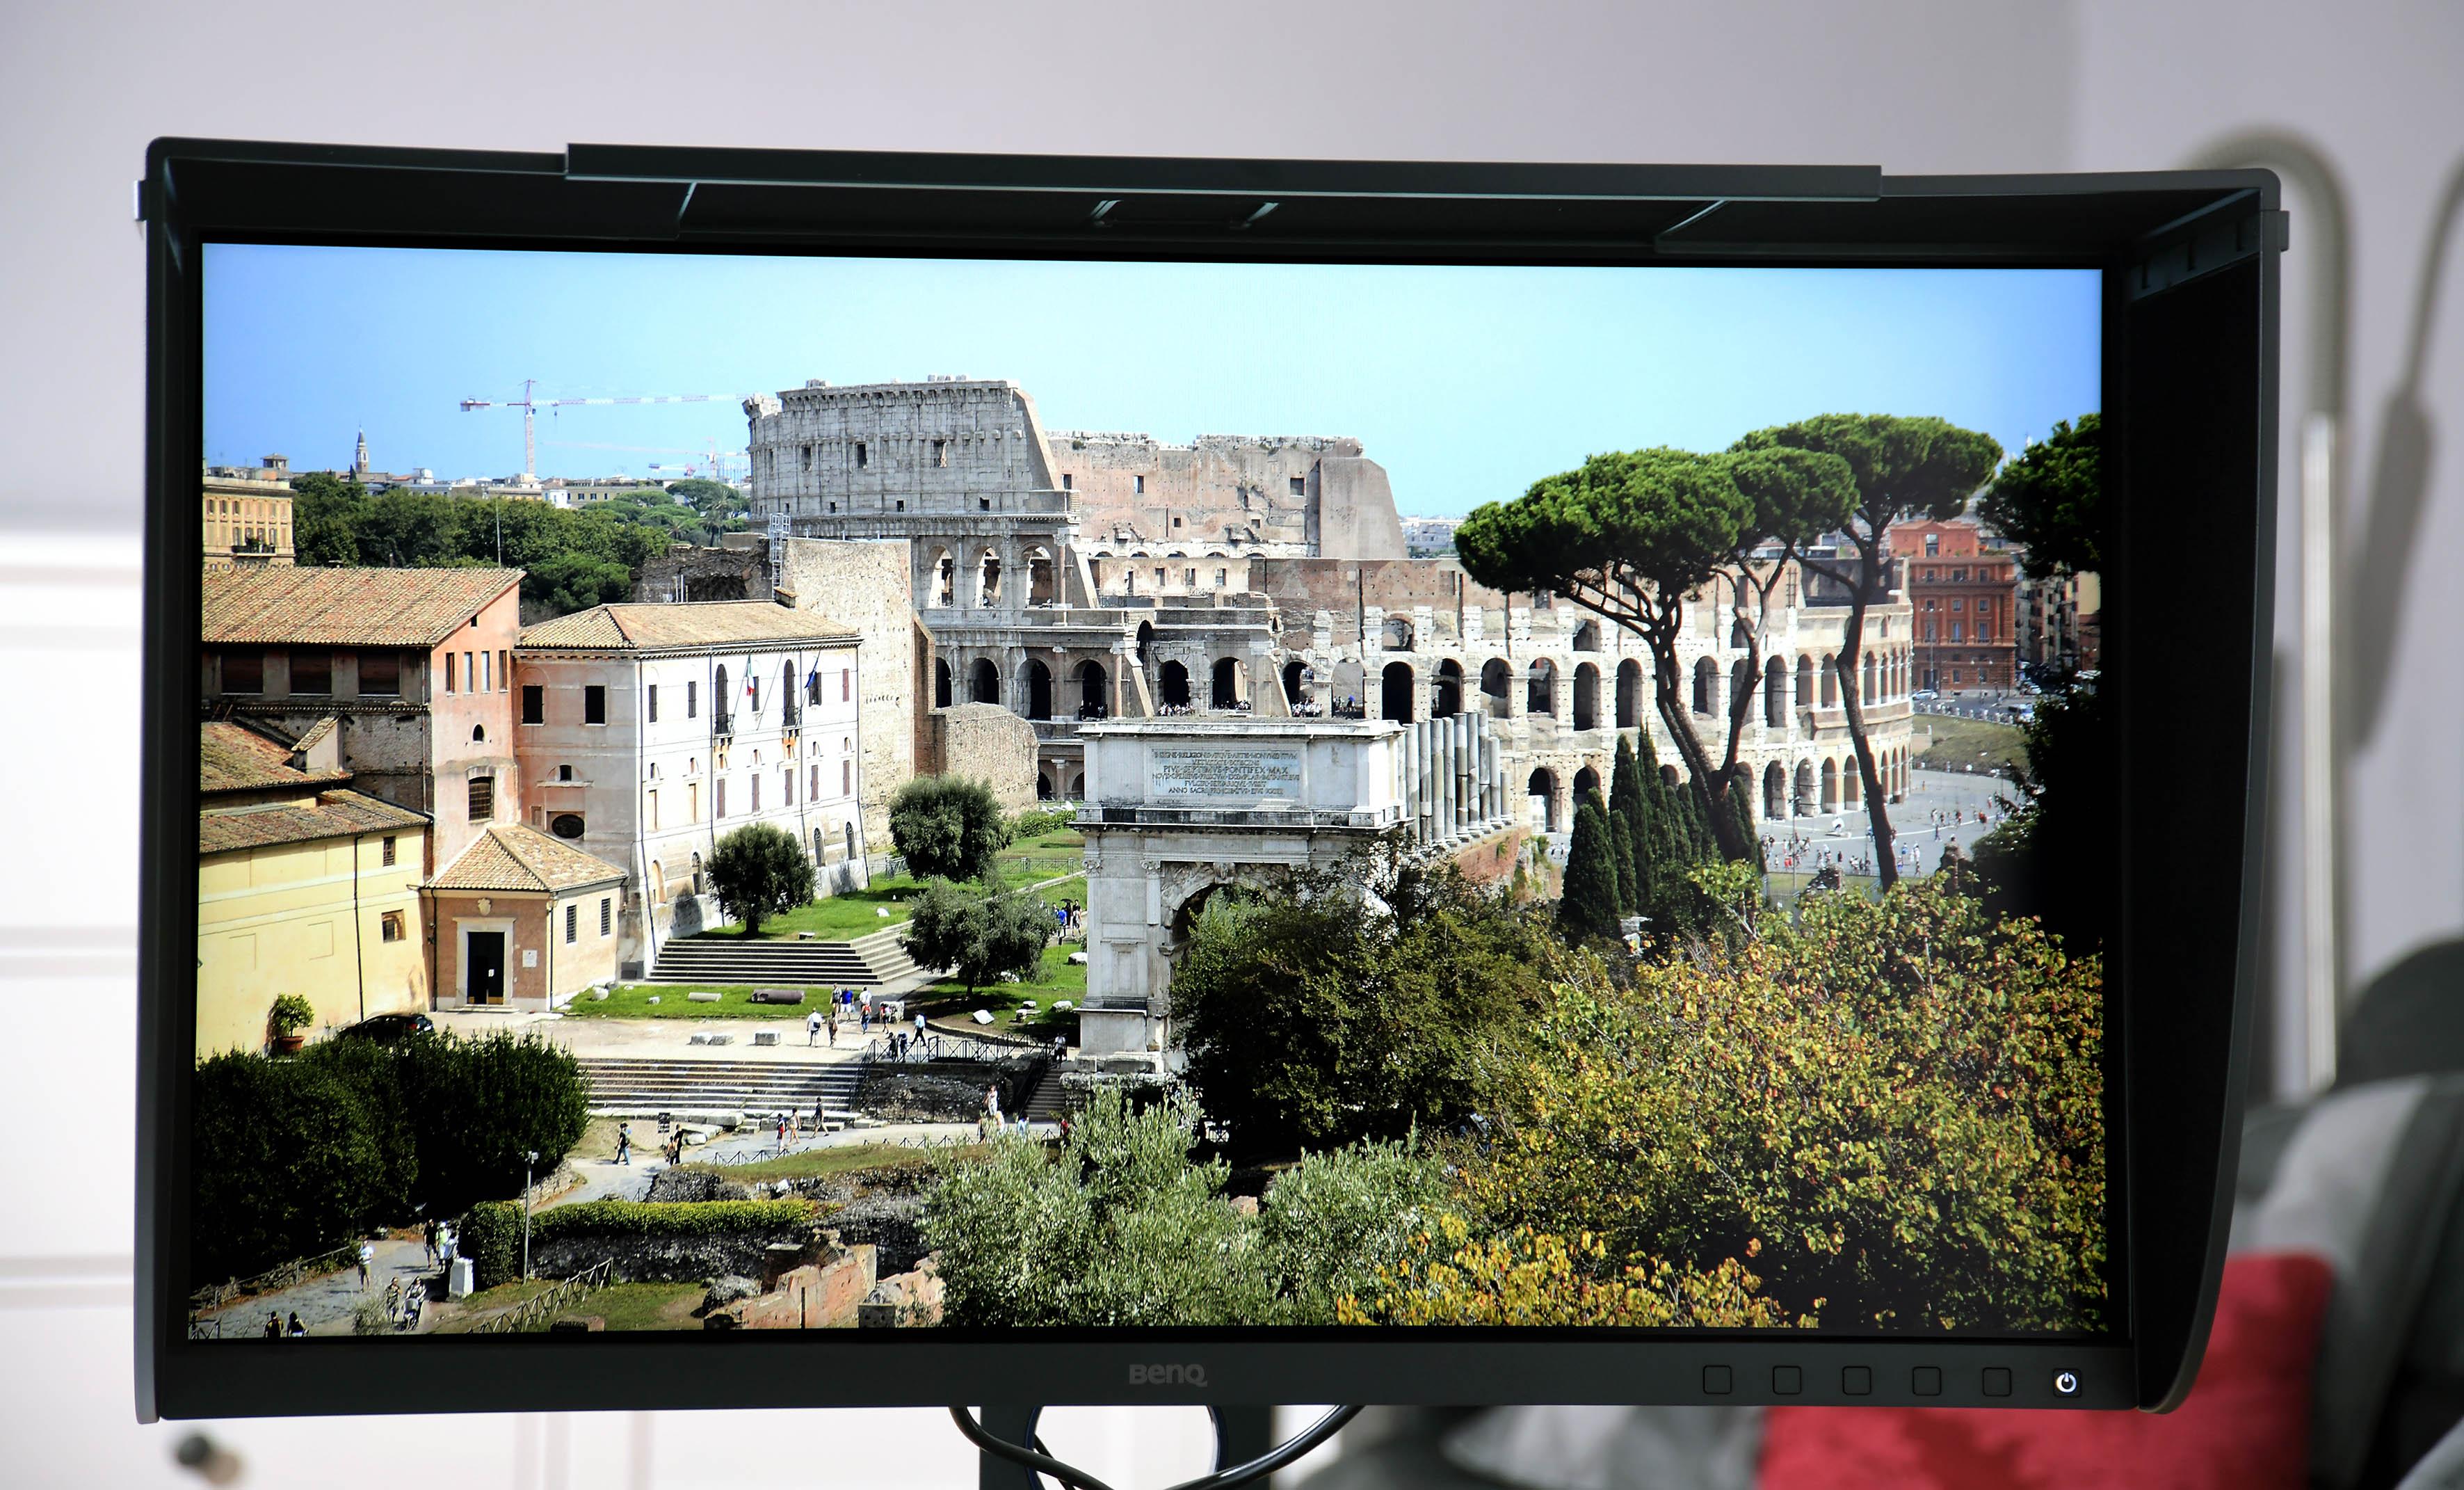 Foto: Michael B. Rehders – Meine Originalaufnahme von Rom wird makellos vom BenQ dargestellt.